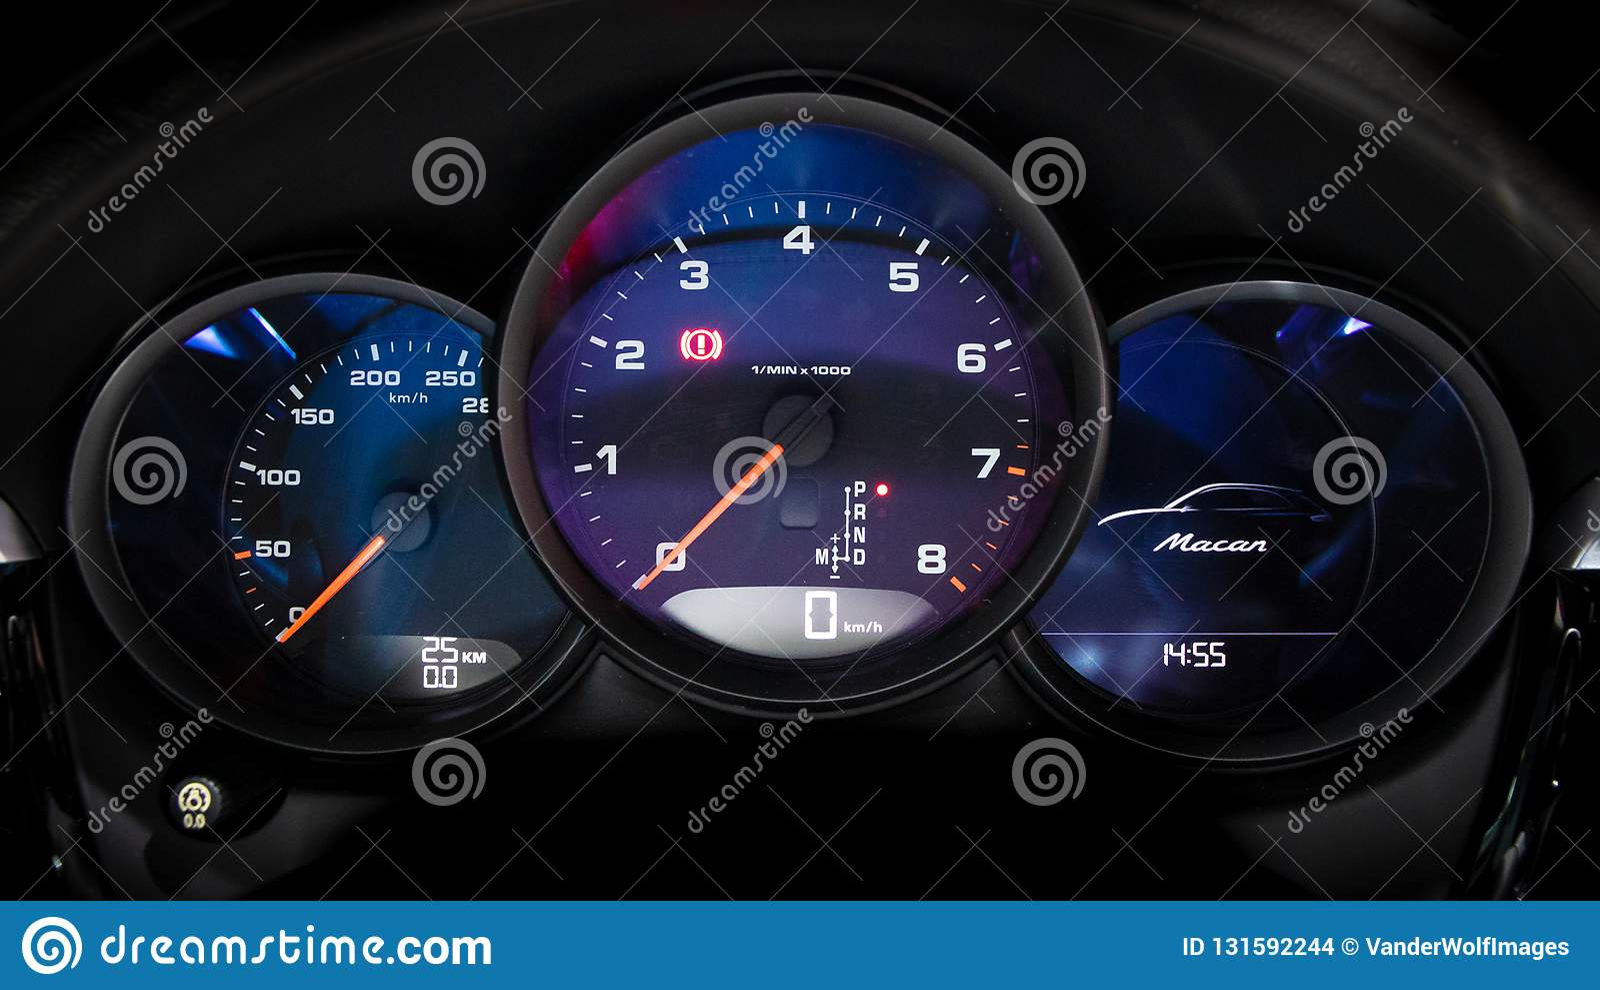 Modern Digital Dashboard Gauges Inside The New Porsche Macan